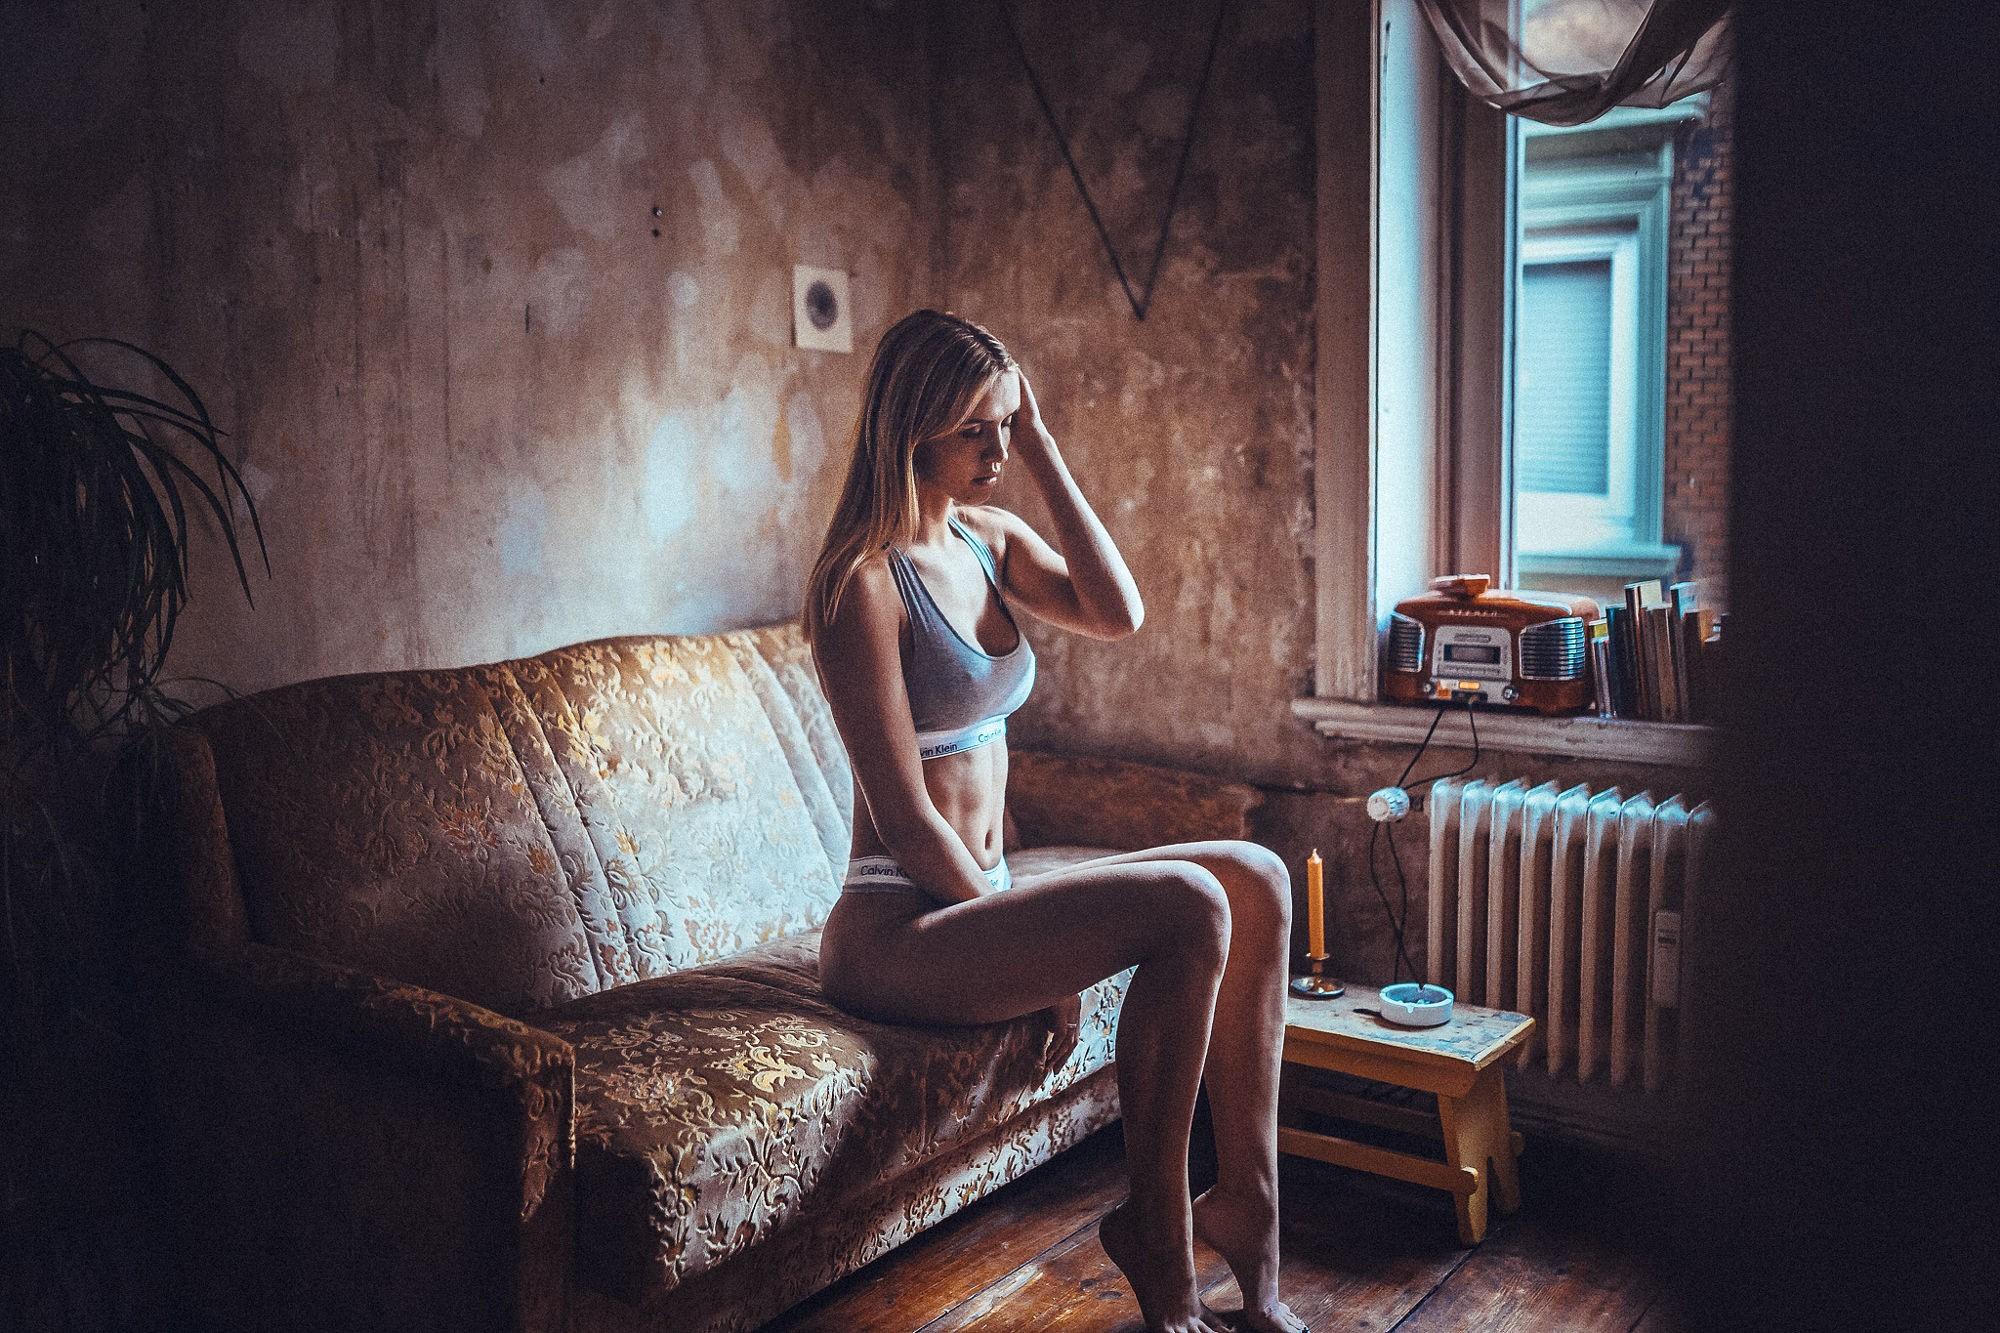 ICloud Carolina Lavinia nude (75 photo), Ass, Leaked, Boobs, cameltoe 2017